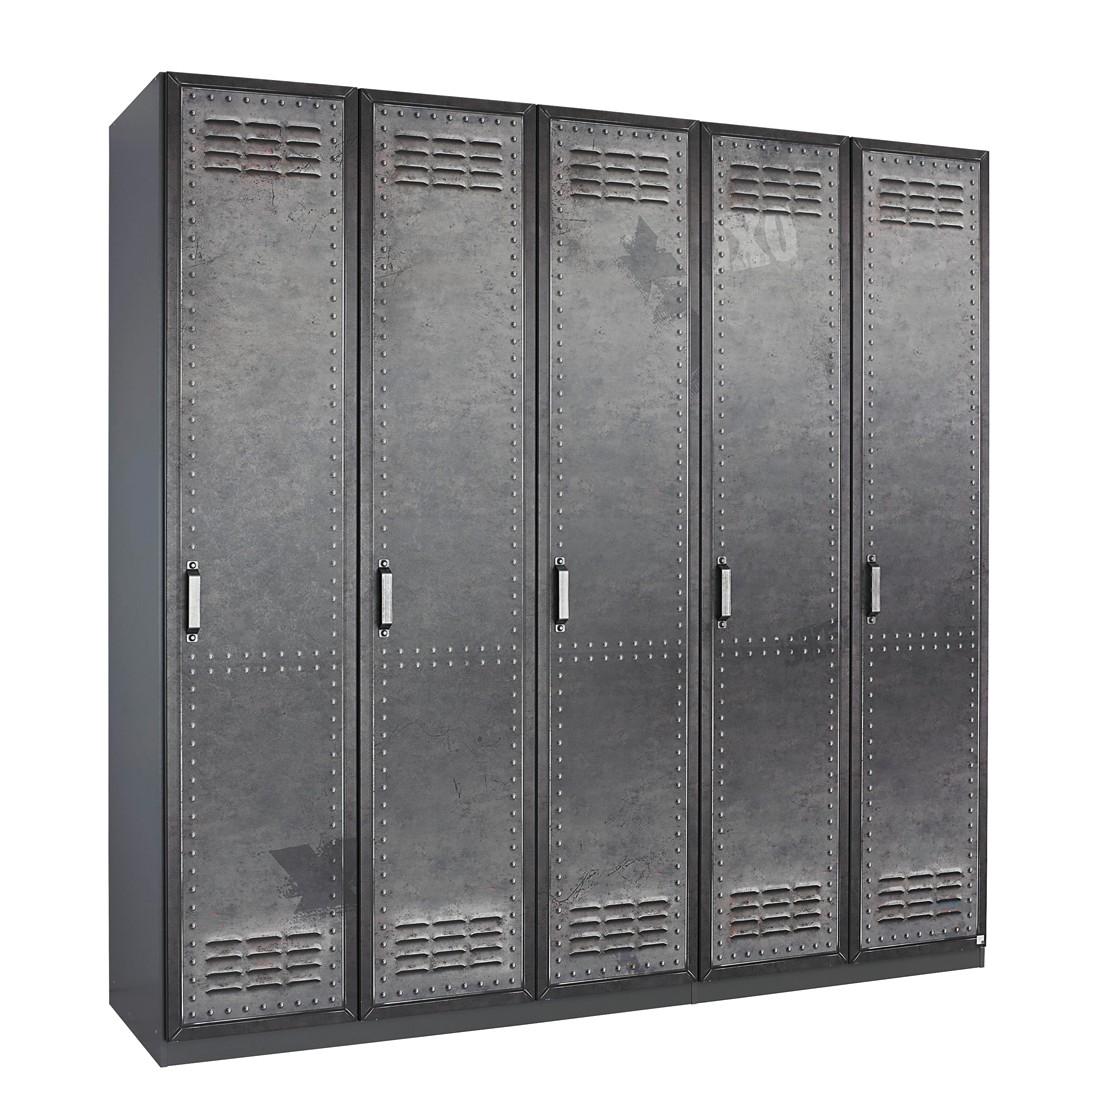 goedkoop Draaideurkast Workbase industrial print look grafietkleurig 136cm 3 deurs scharnieren rechts Rauch Select